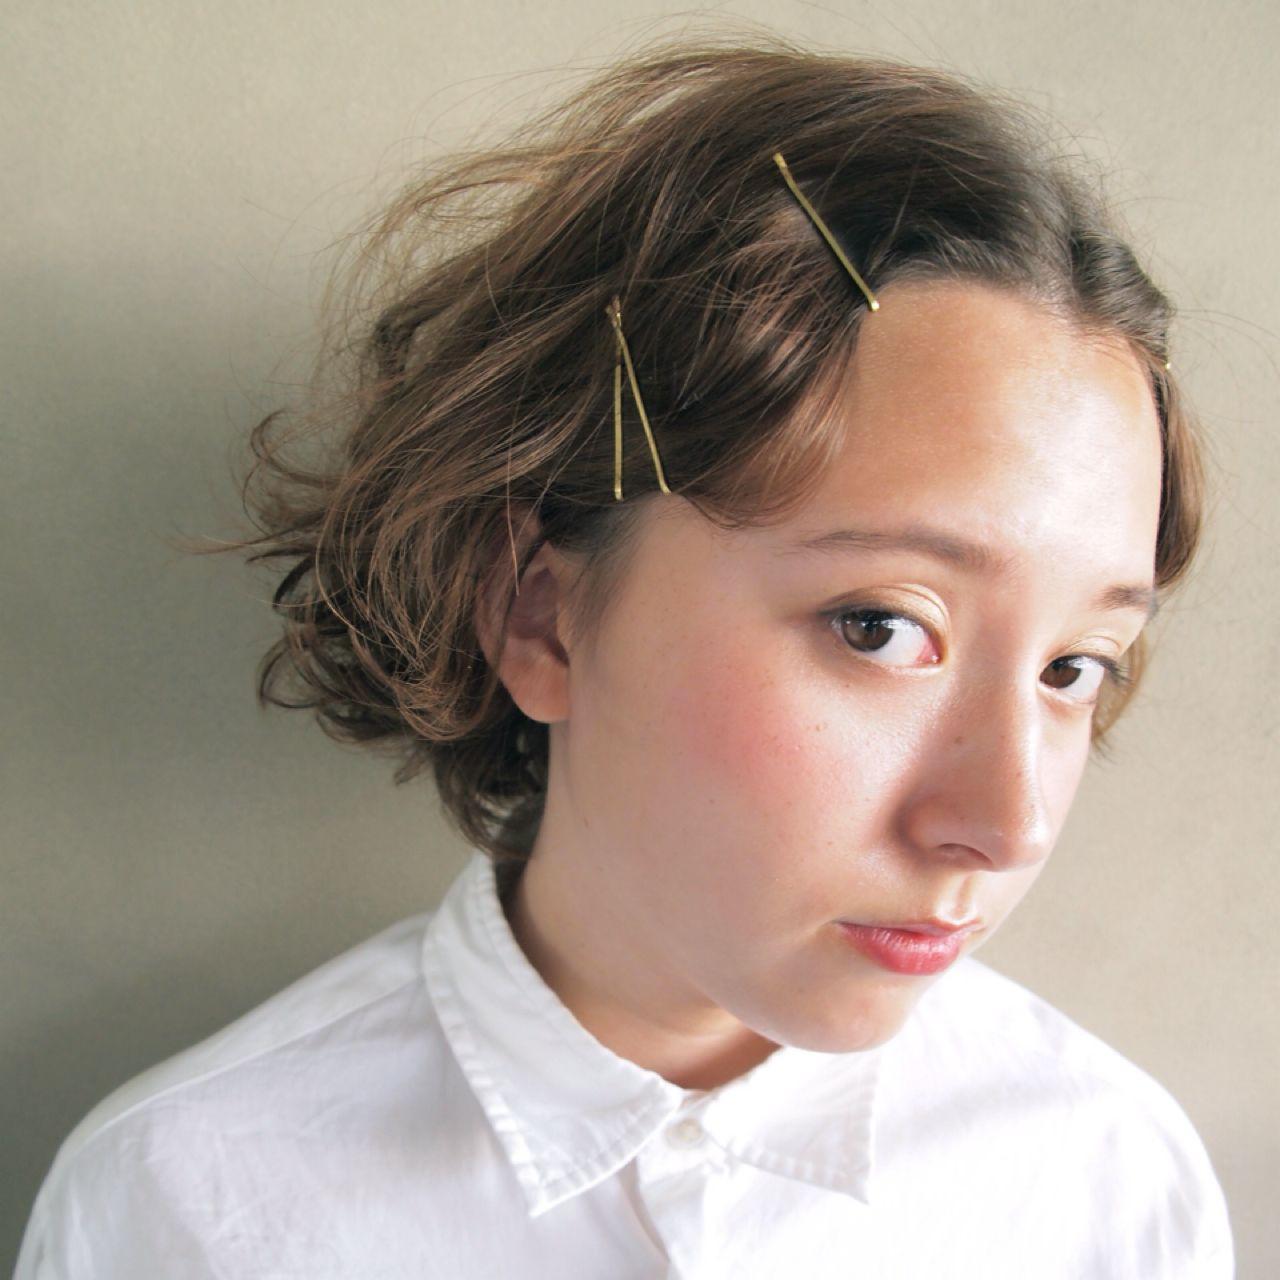 ナチュラル ガーリー ヘアスタイルや髪型の写真・画像